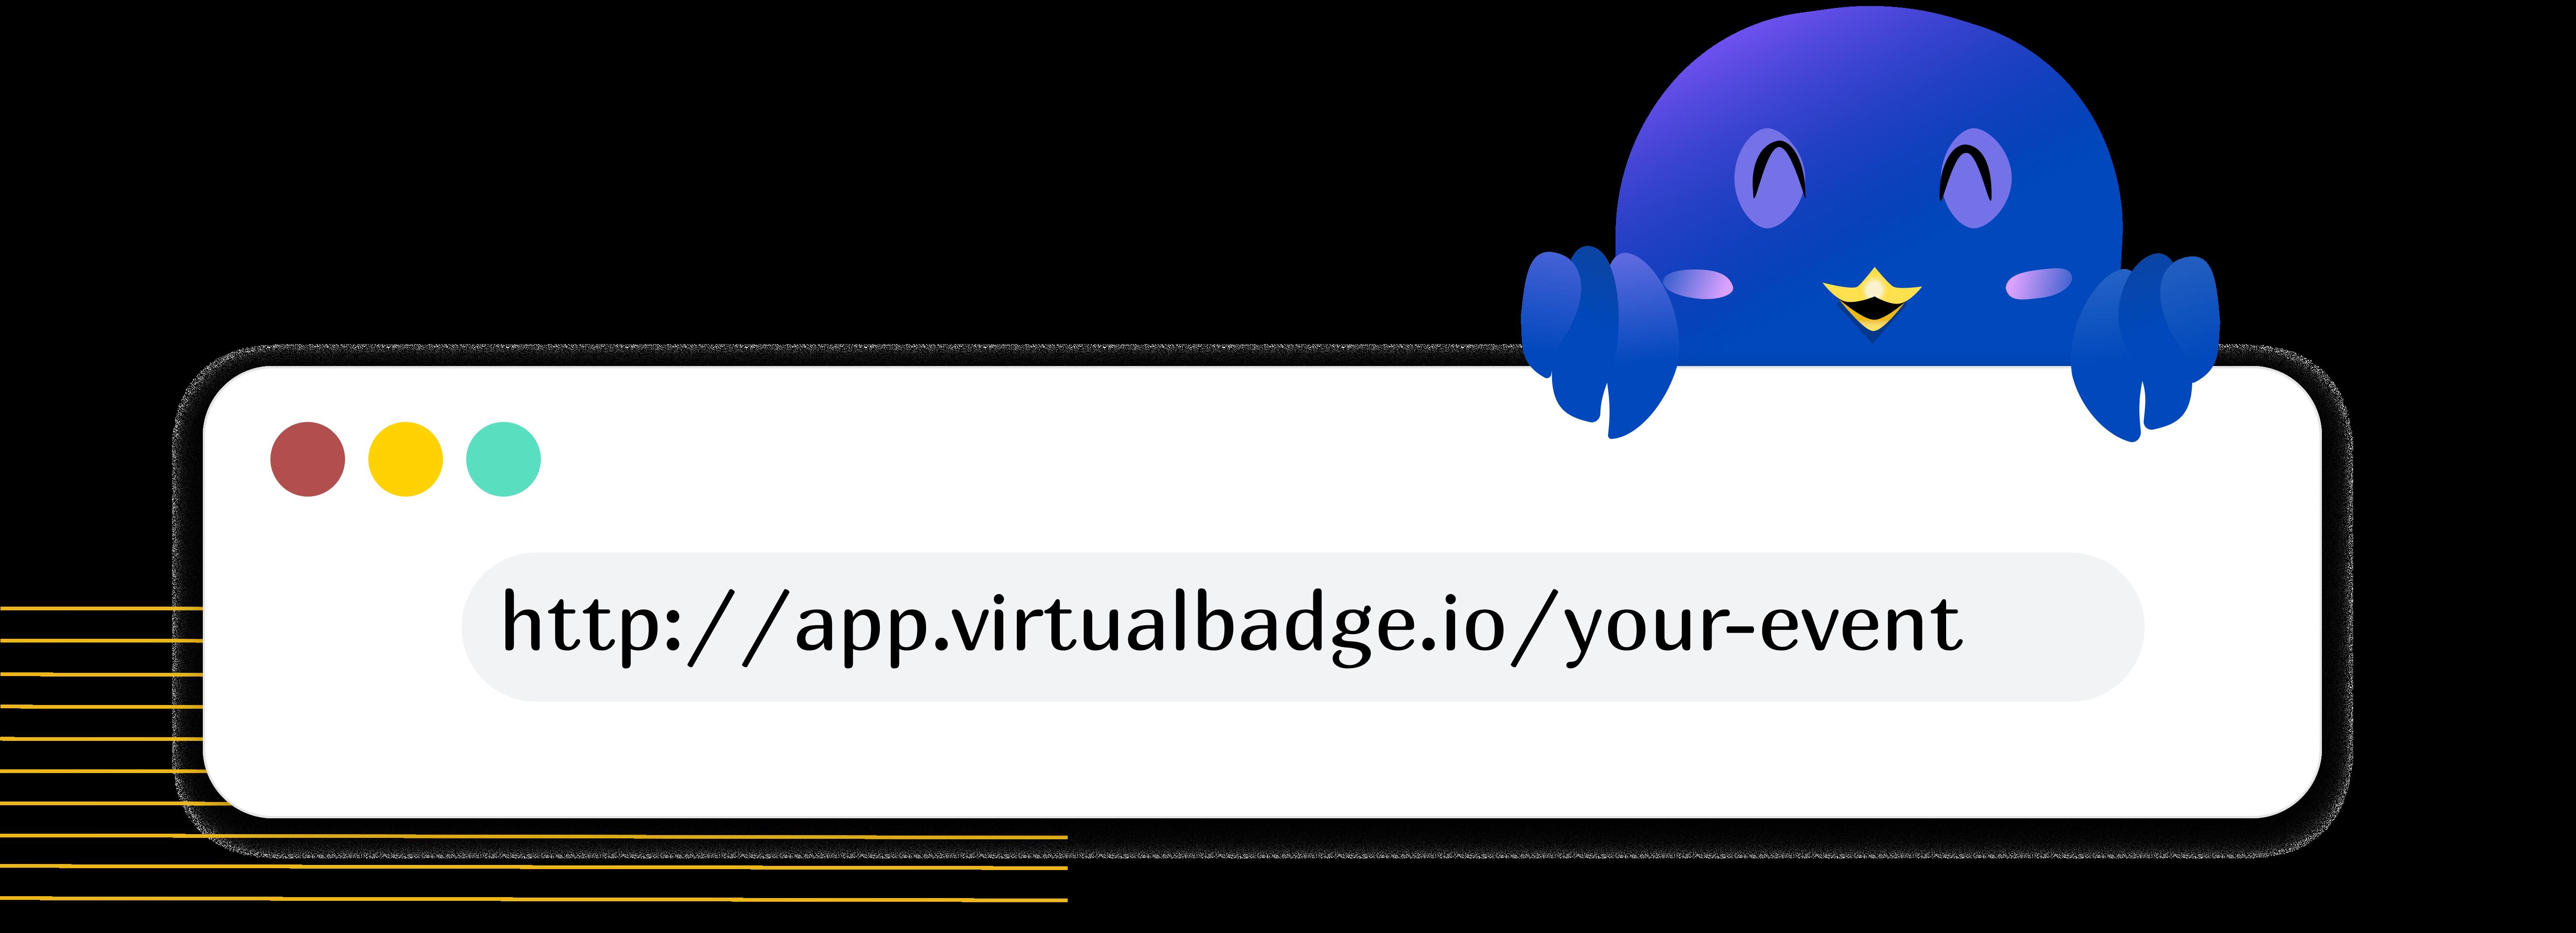 URL example with Mamo